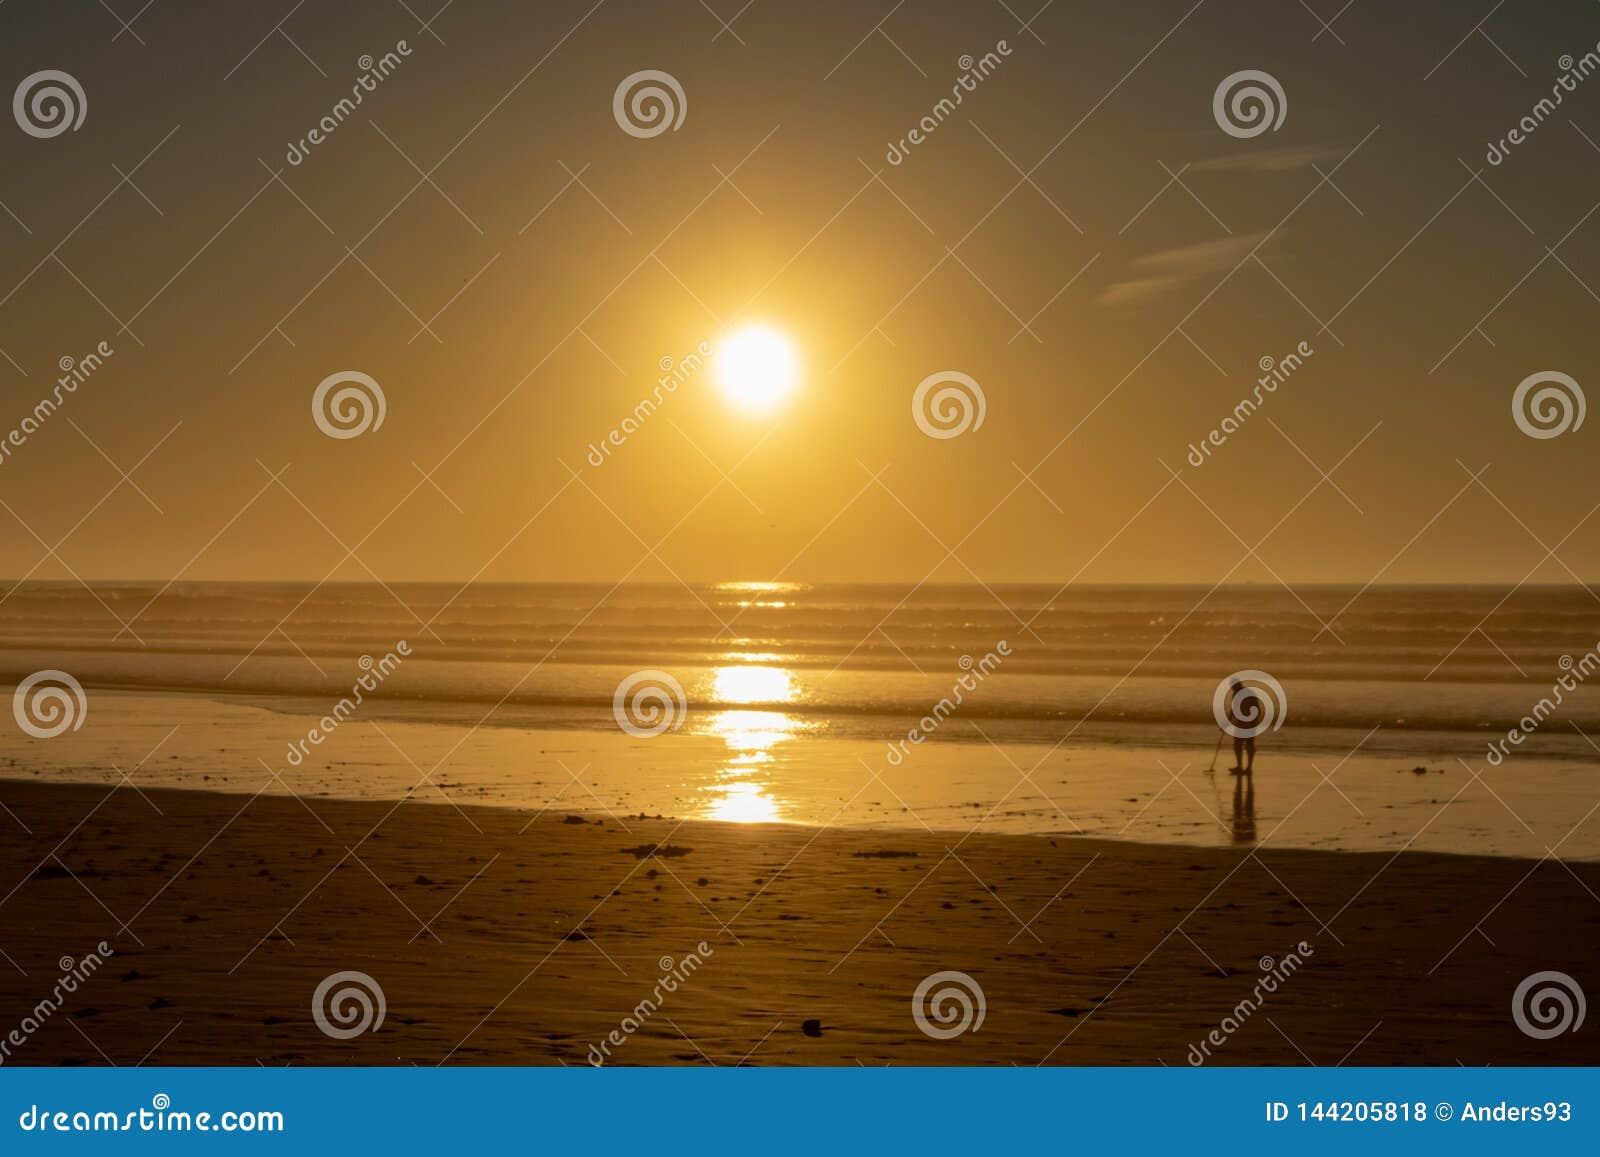 Het gebruiken van een metaaldetector aan onderzoek naar verborgen schat op een strand bij zonsondergang